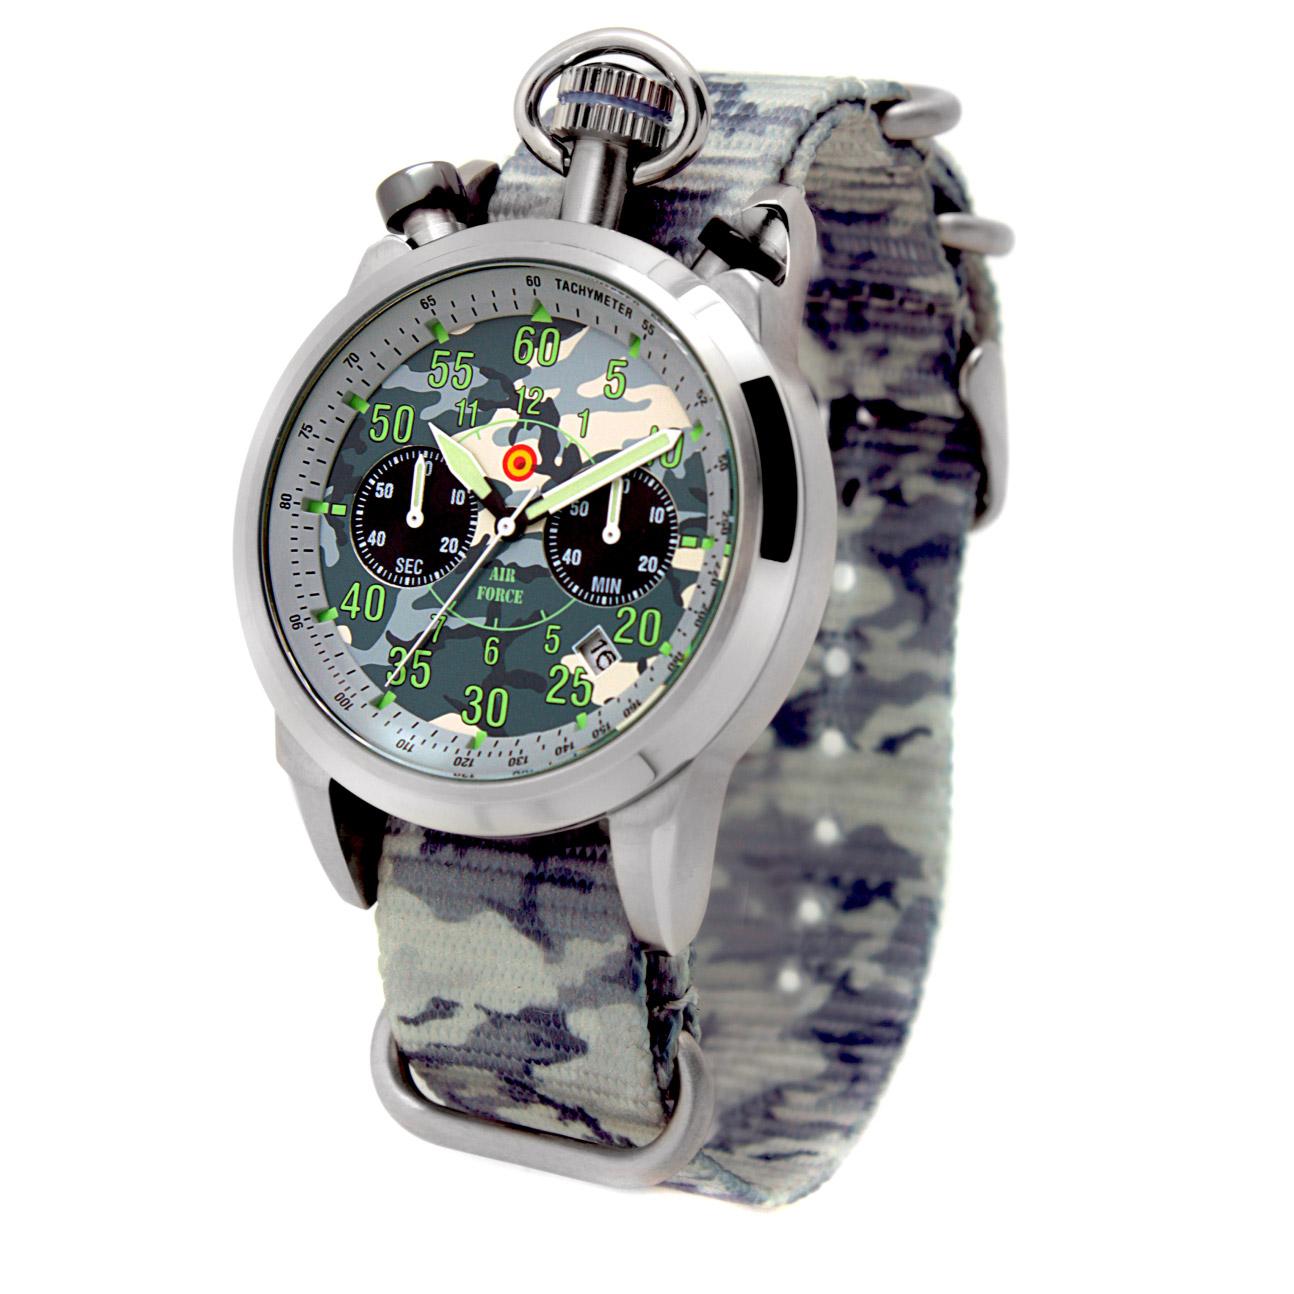 5840a982a0c5 Relojes Aviador   Reloj Aviador AV-1104